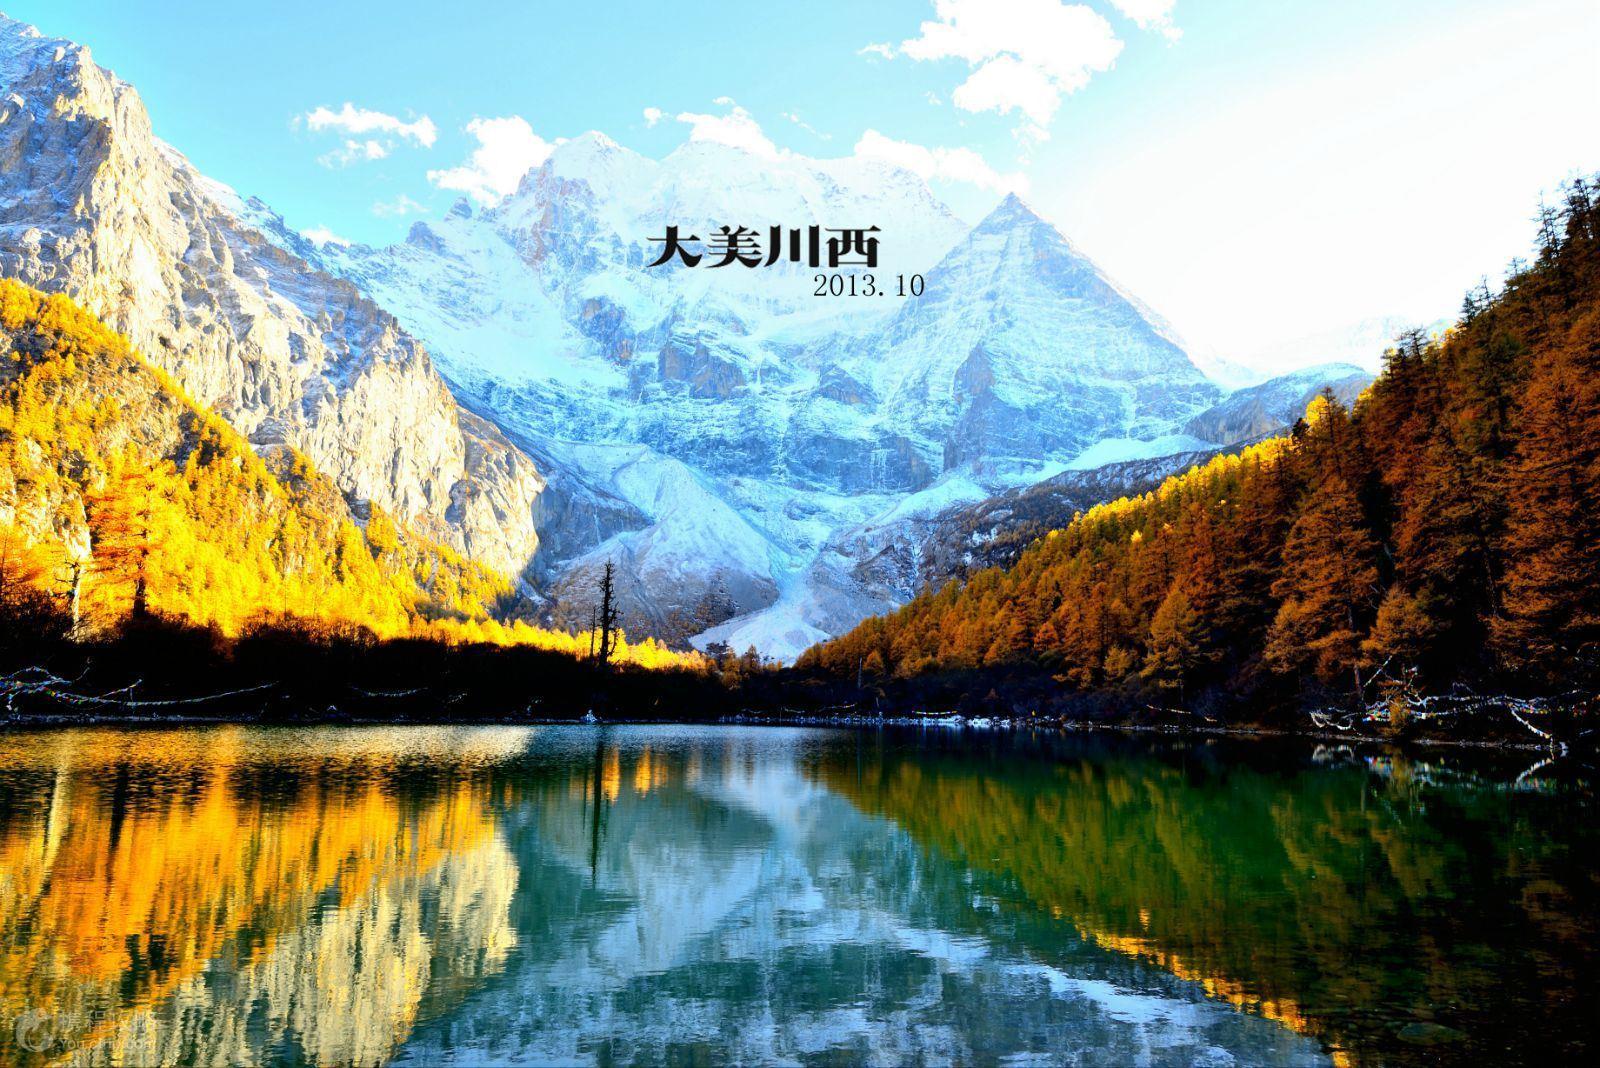 壁纸 风景 摄影 桌面 1600_1068